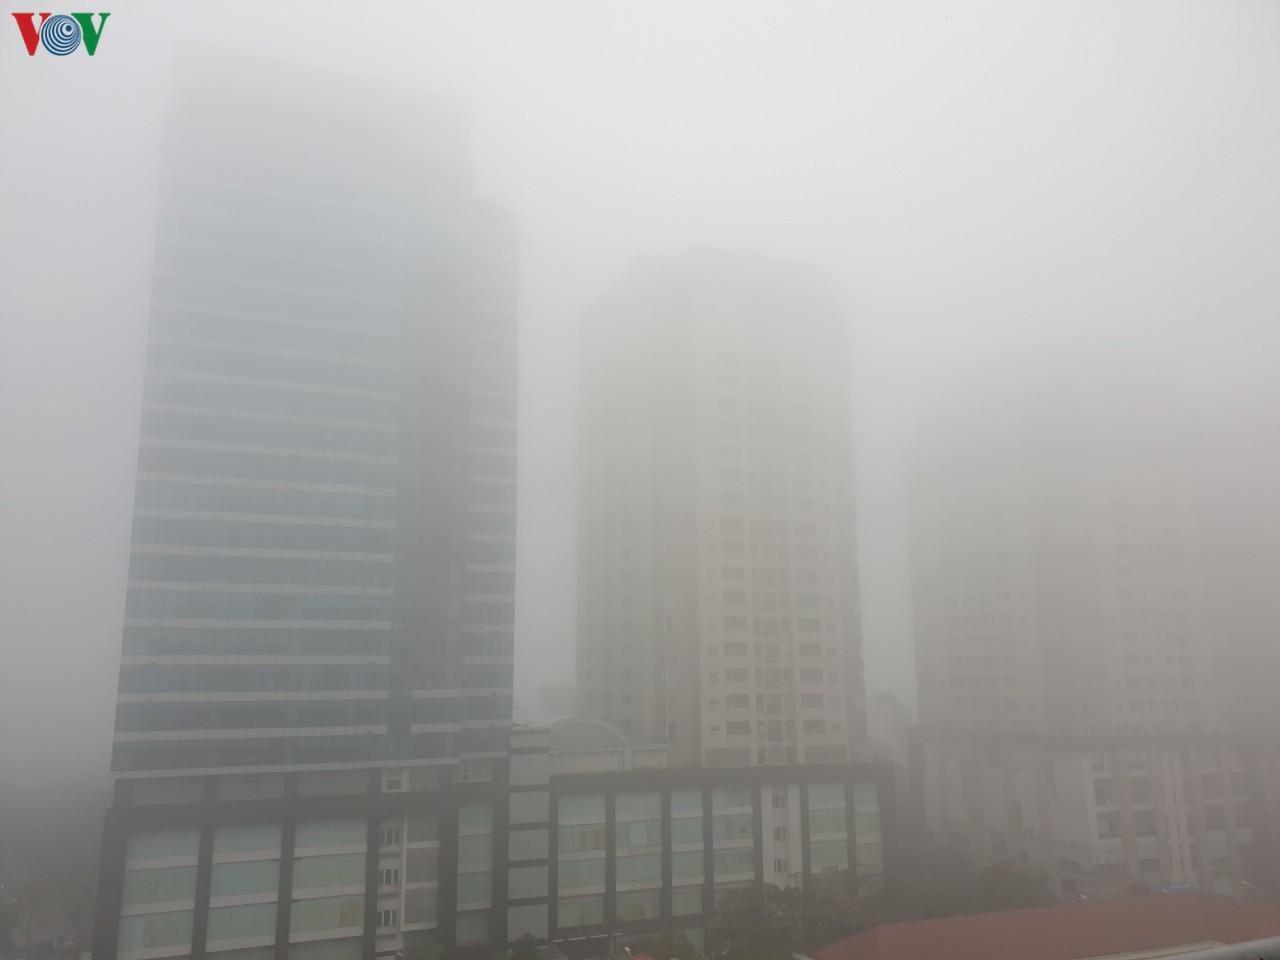 Hà Nội lại chìm trong sương mù dày đặc Ảnh 4